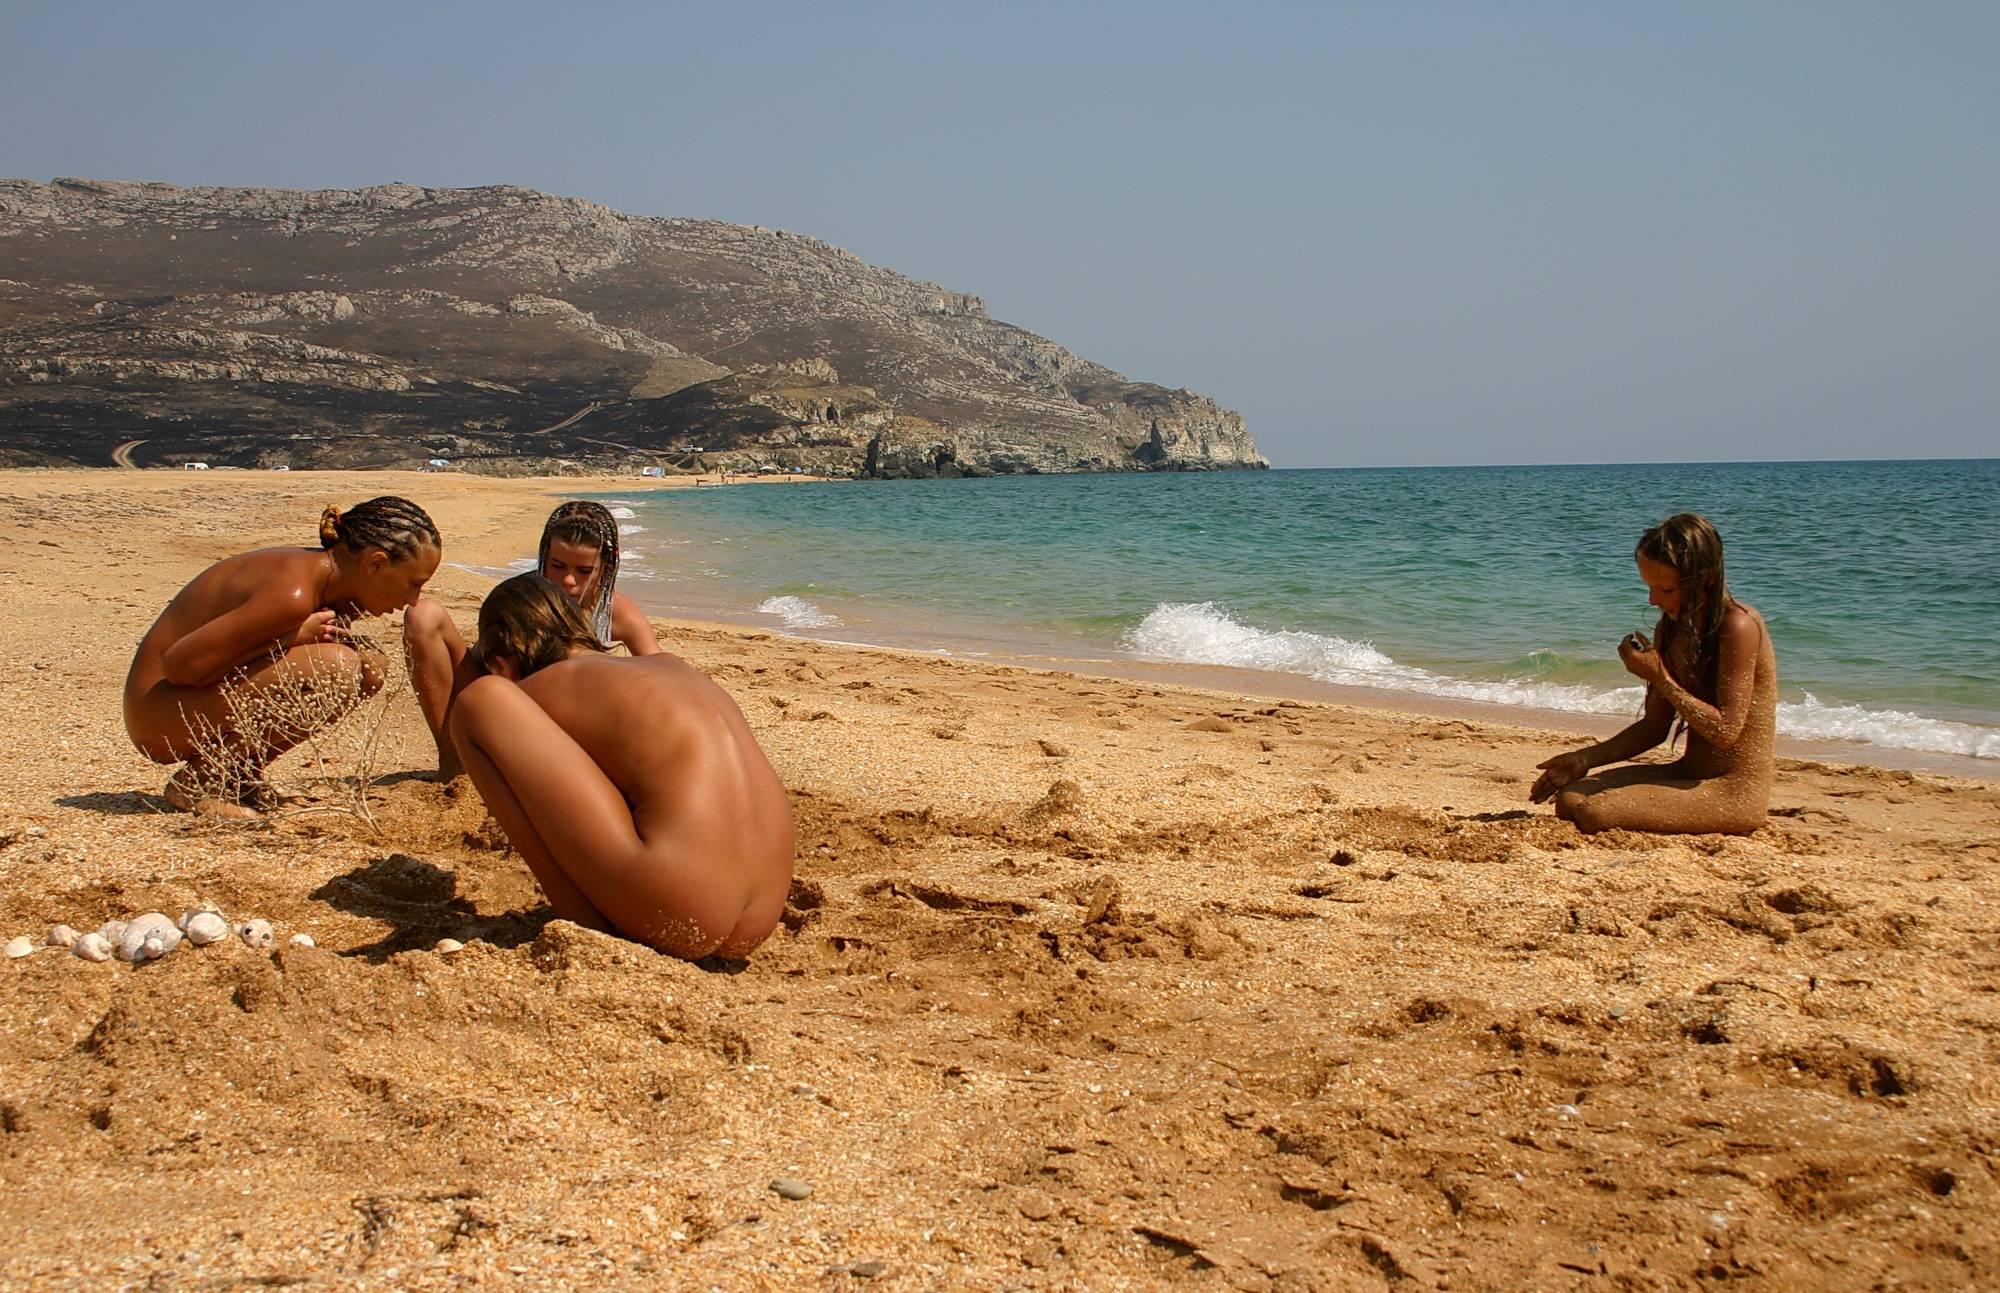 Nudist Pics Beachside Sandy Mermaid - 1